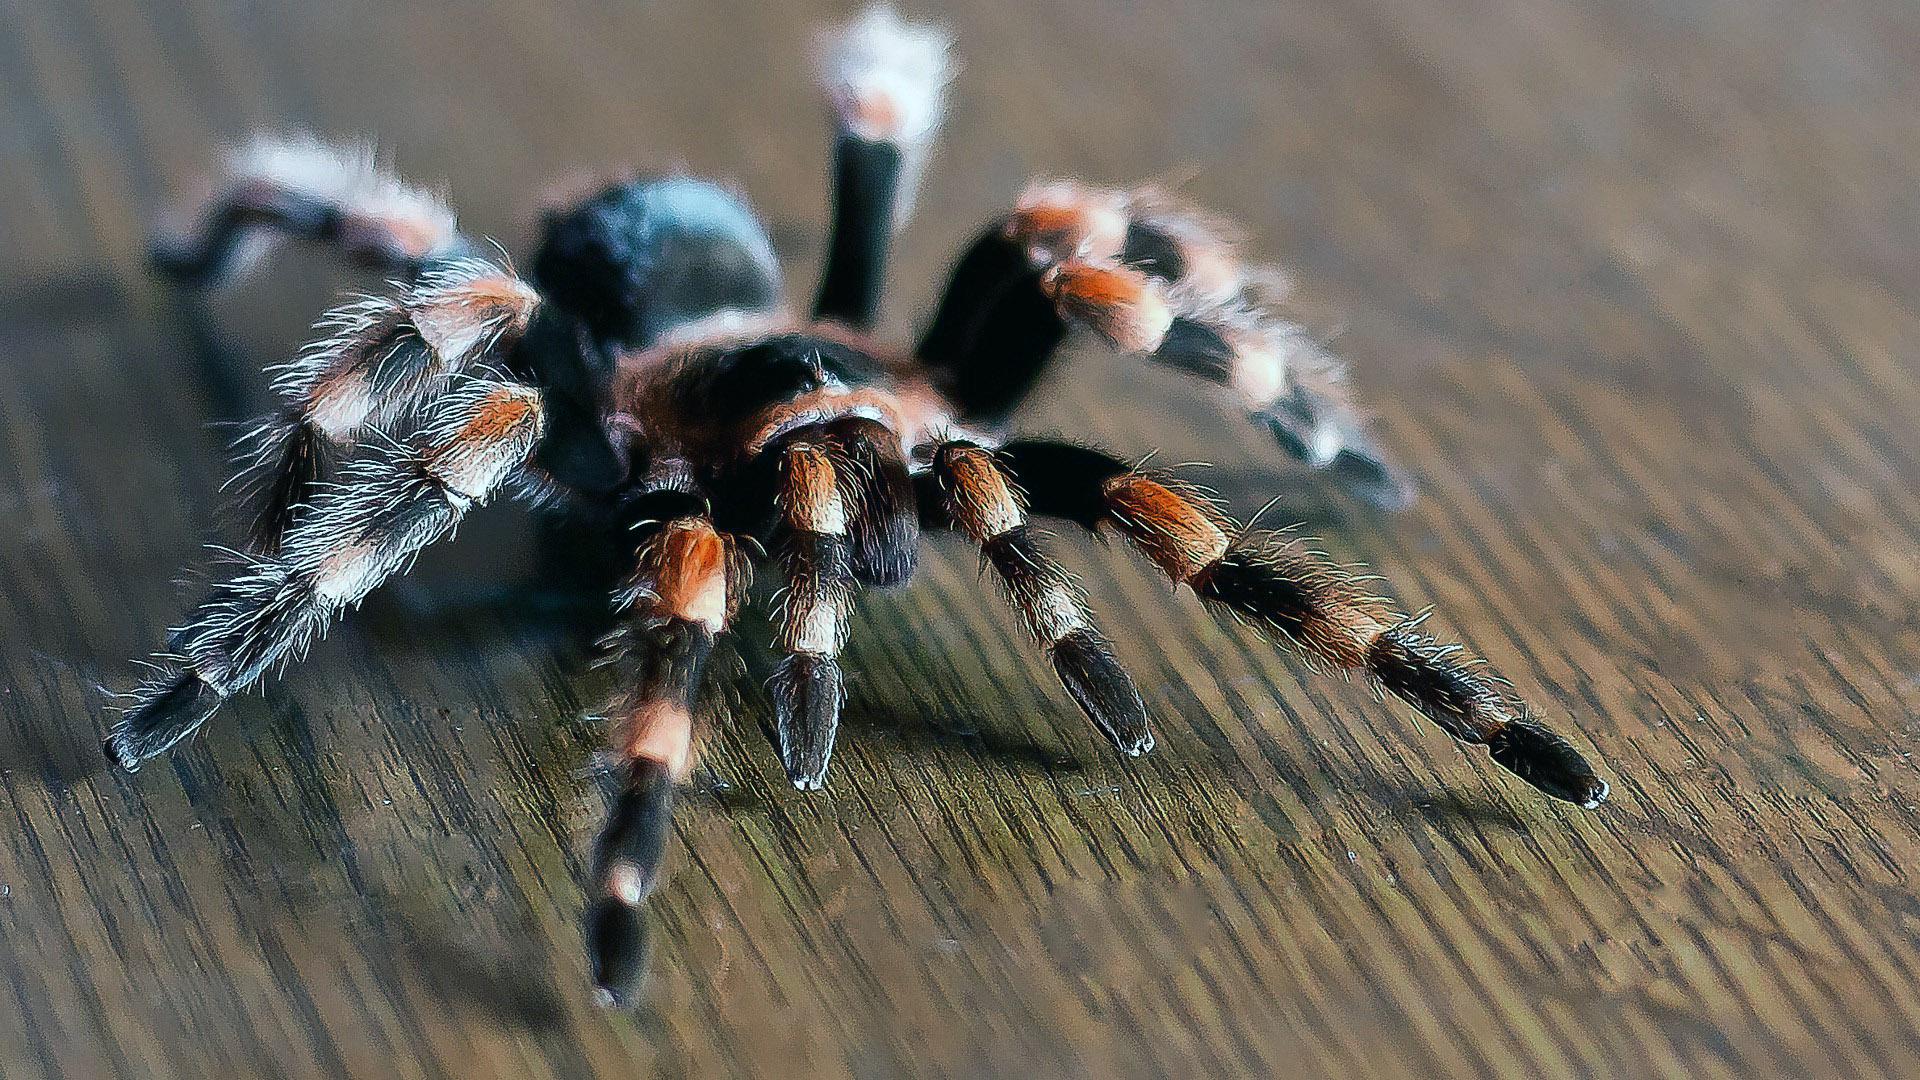 Ядовитый мохнатый паук, обои на смартфон пауки, 1920 на 1080 пикселей